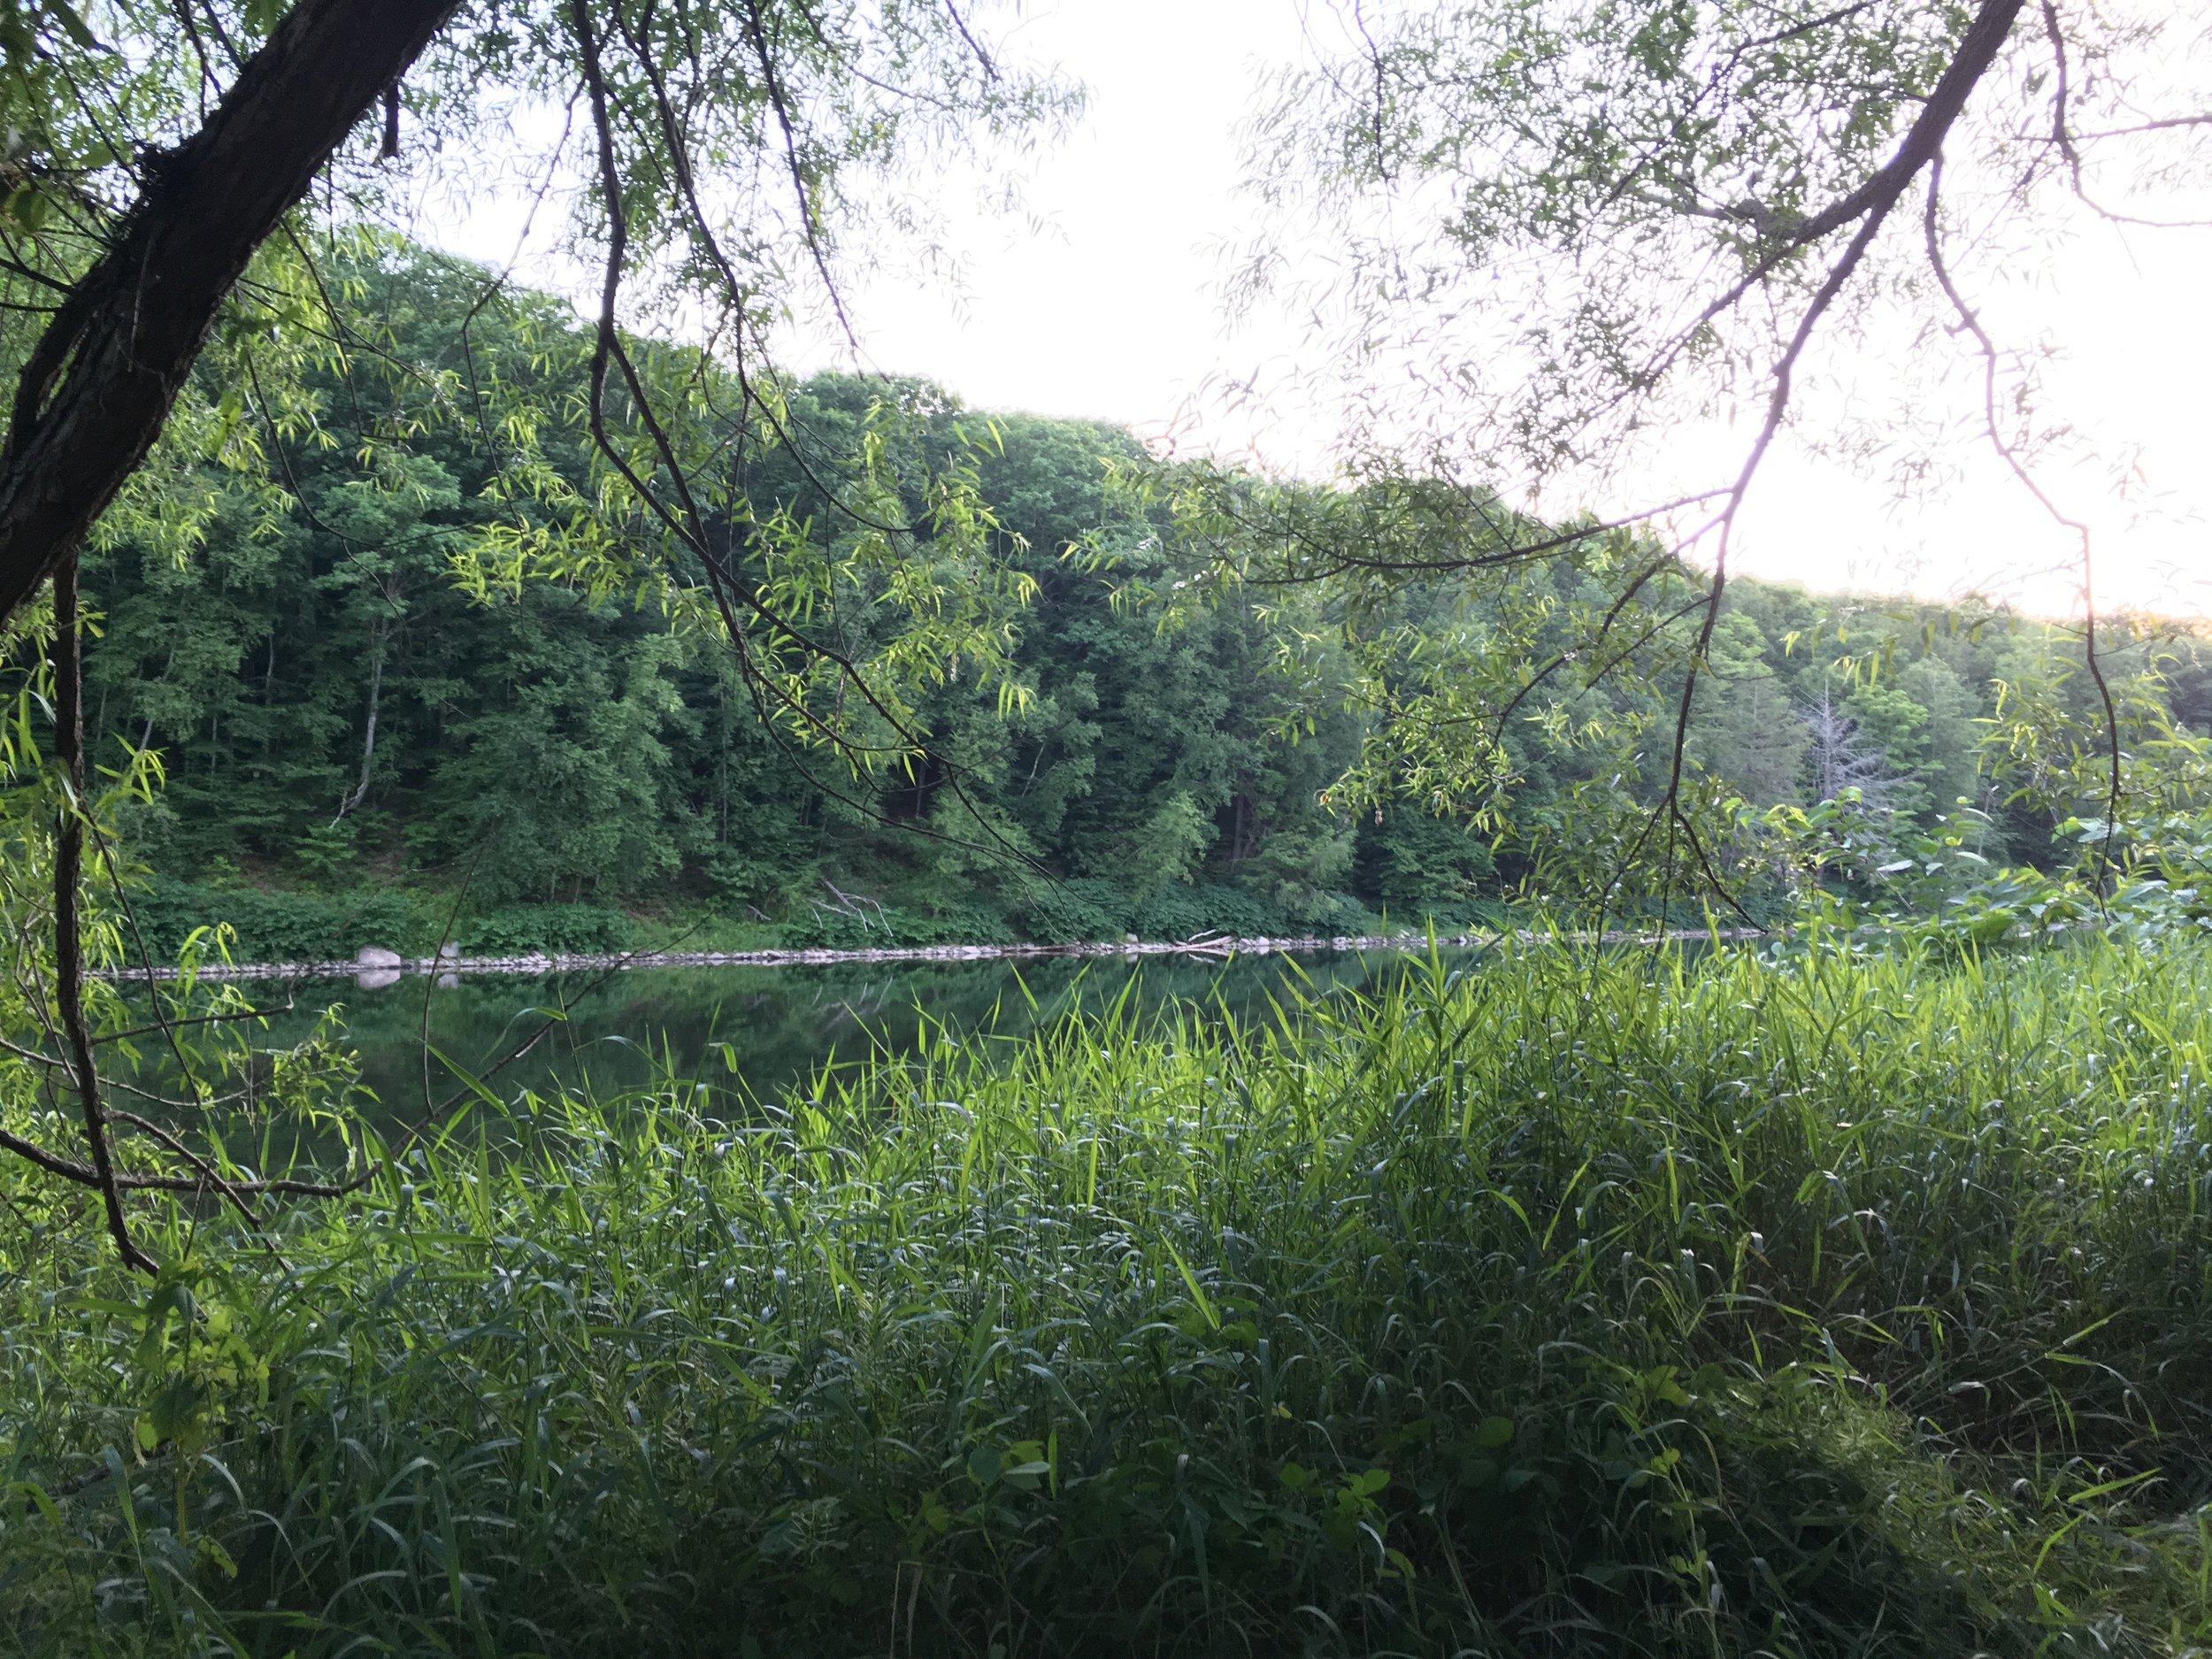 grassy river.jpg